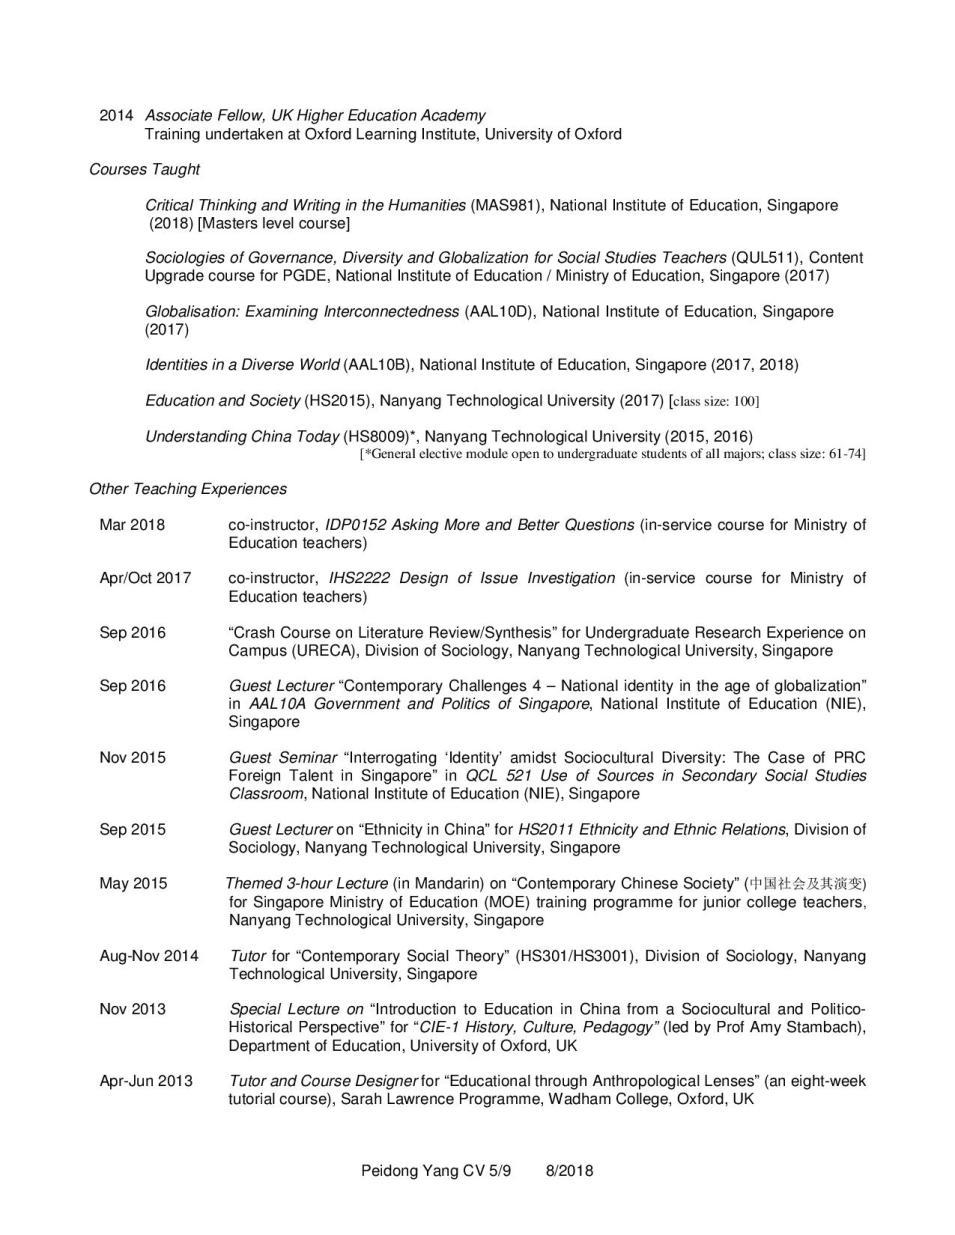 CV YANG Peidong_8.2018-page-005